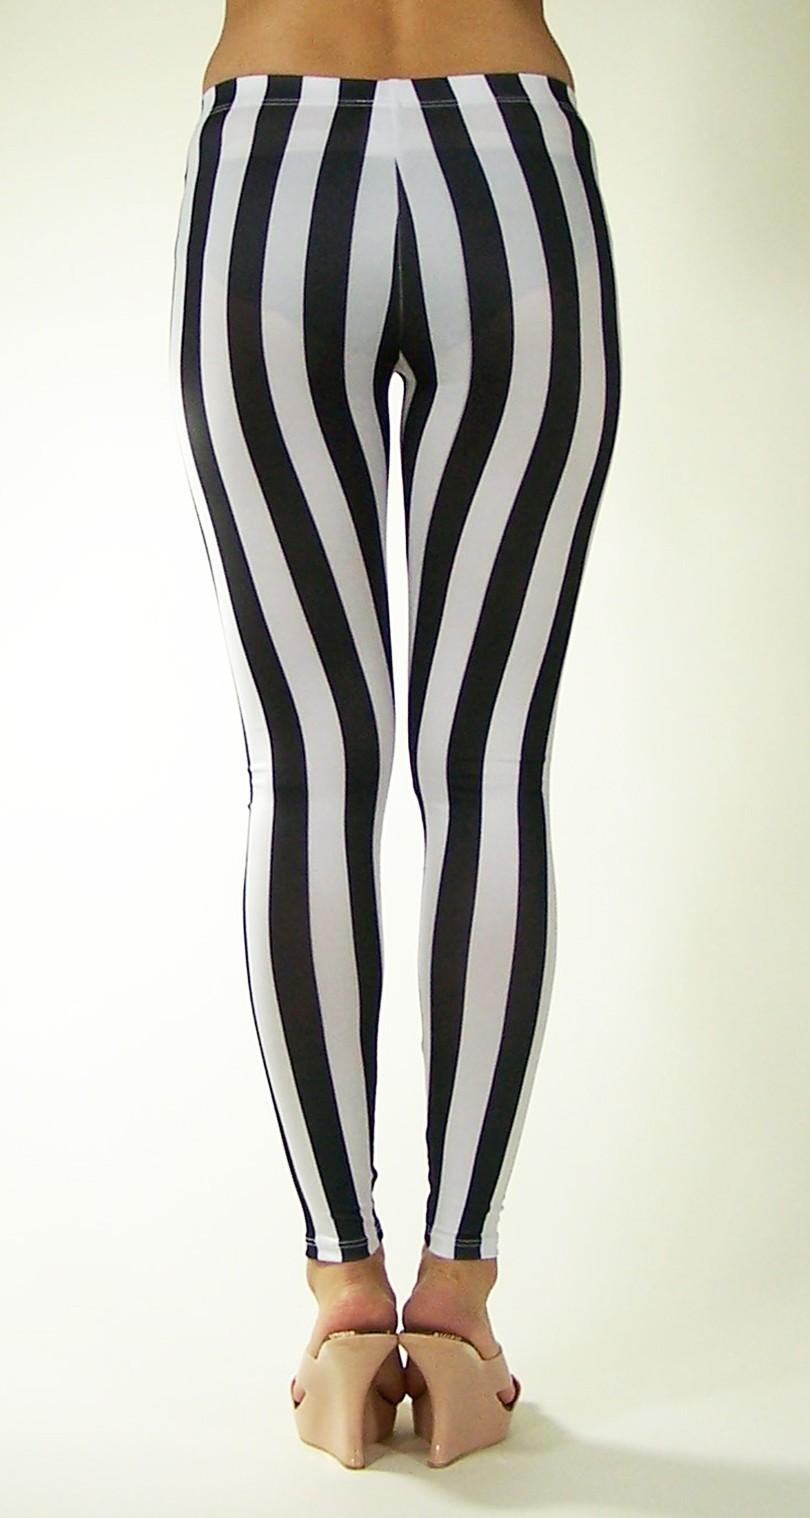 Mediados de Cintura Negro Blanco Rayas Verticales Legging Sexy Elástico Fitness Entrenamiento Leggings Mujeres Zebra Sporting Leggins Pantalones Largos